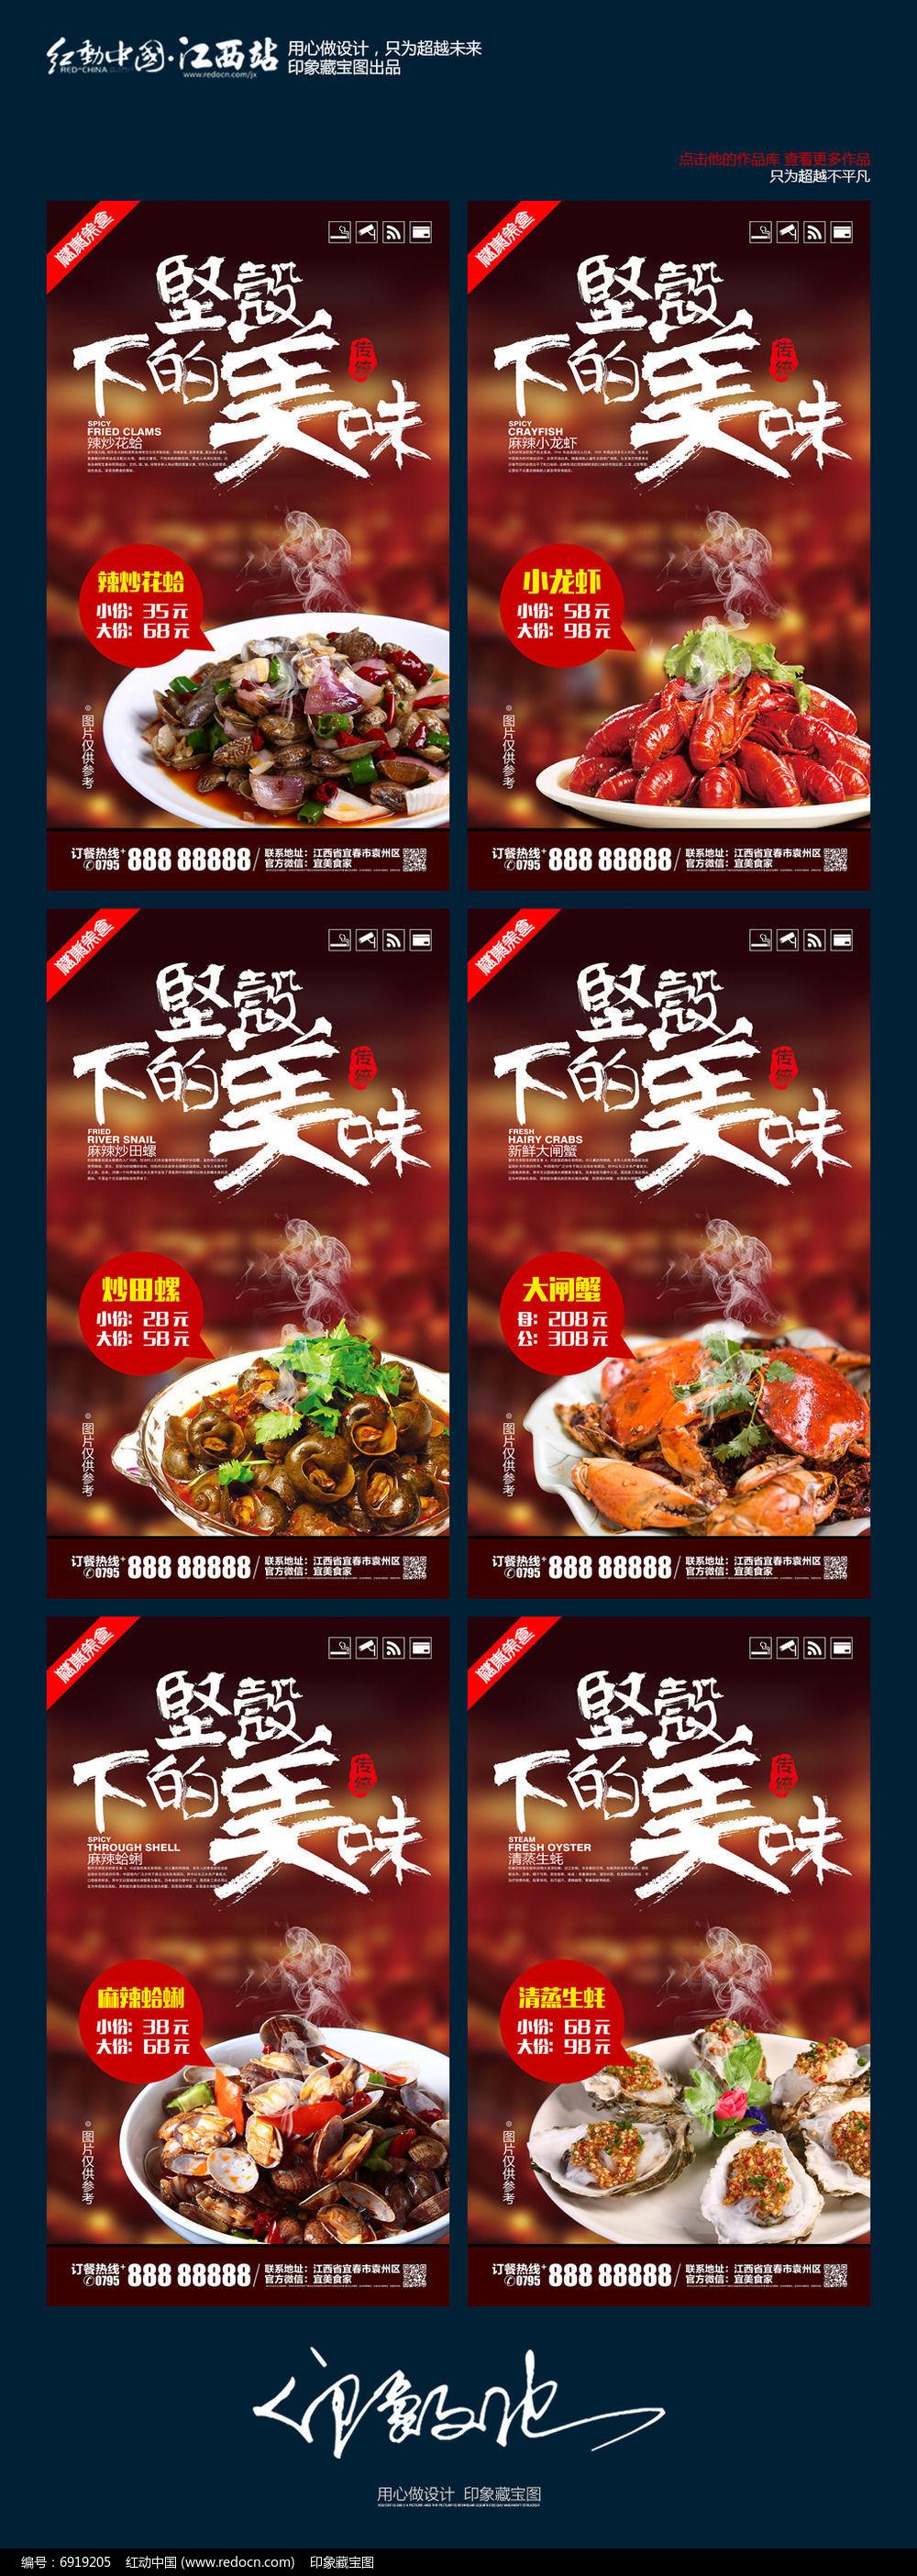 整套海鲜类创意美食宣传海报设计图片